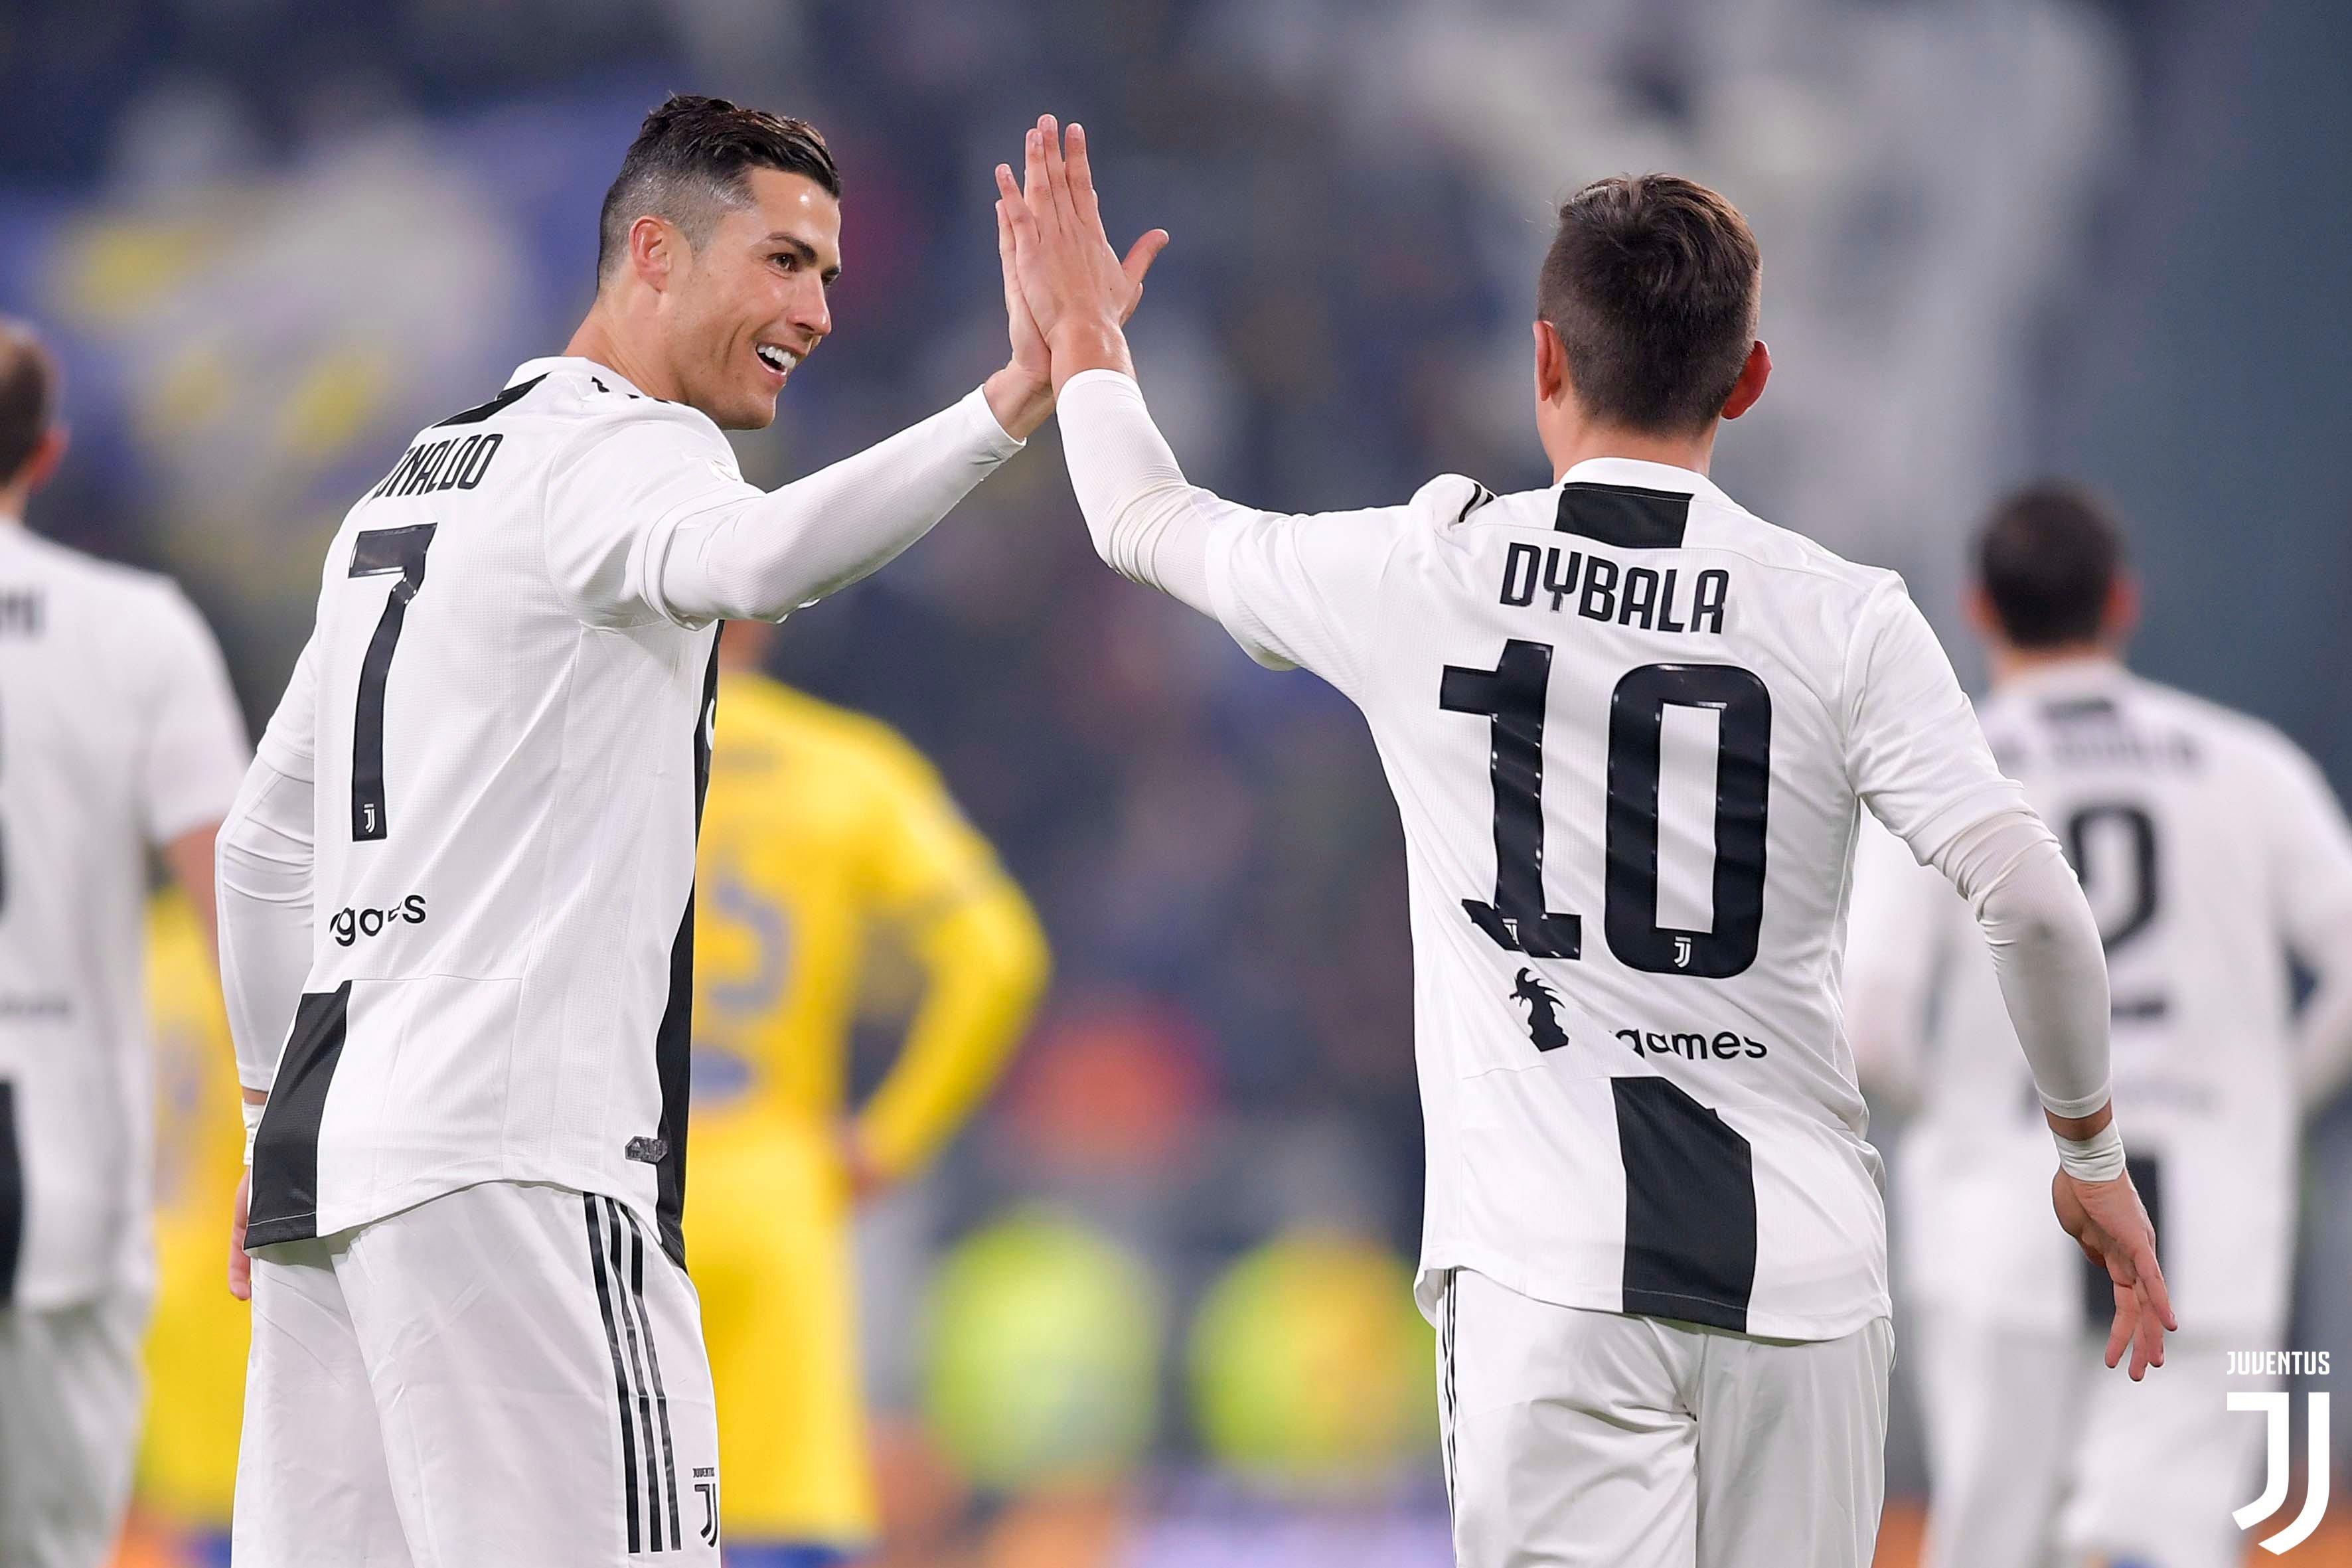 Xem lại Juventus vs Frosinone, 2h30 ngày 16/2 (Serie A)